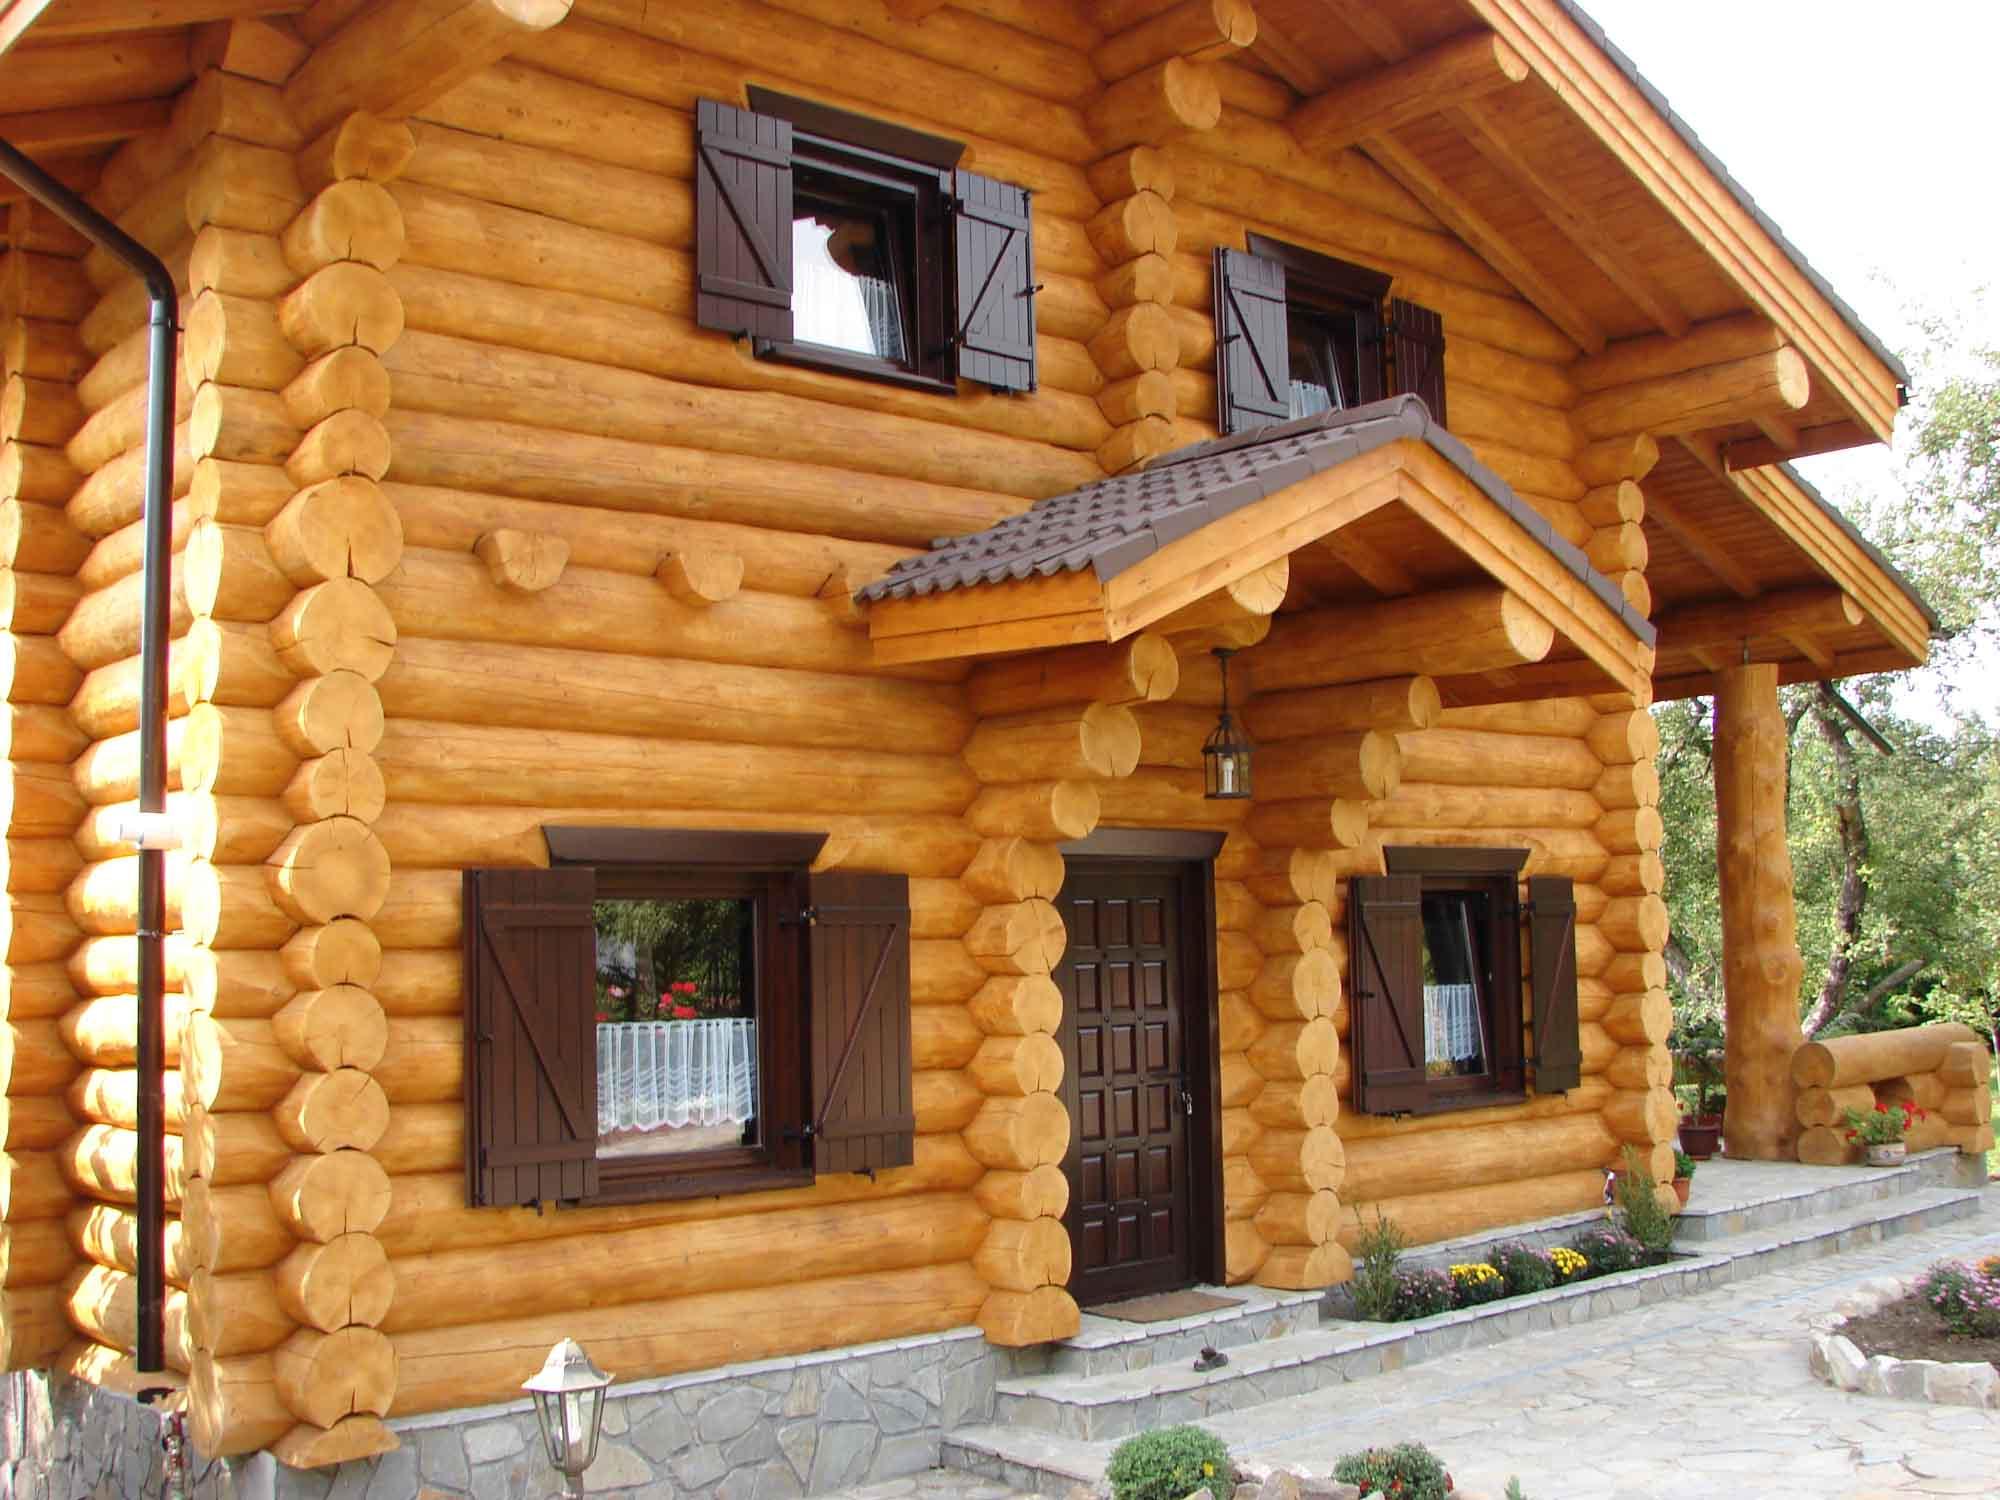 La devanture d'une maison en bois